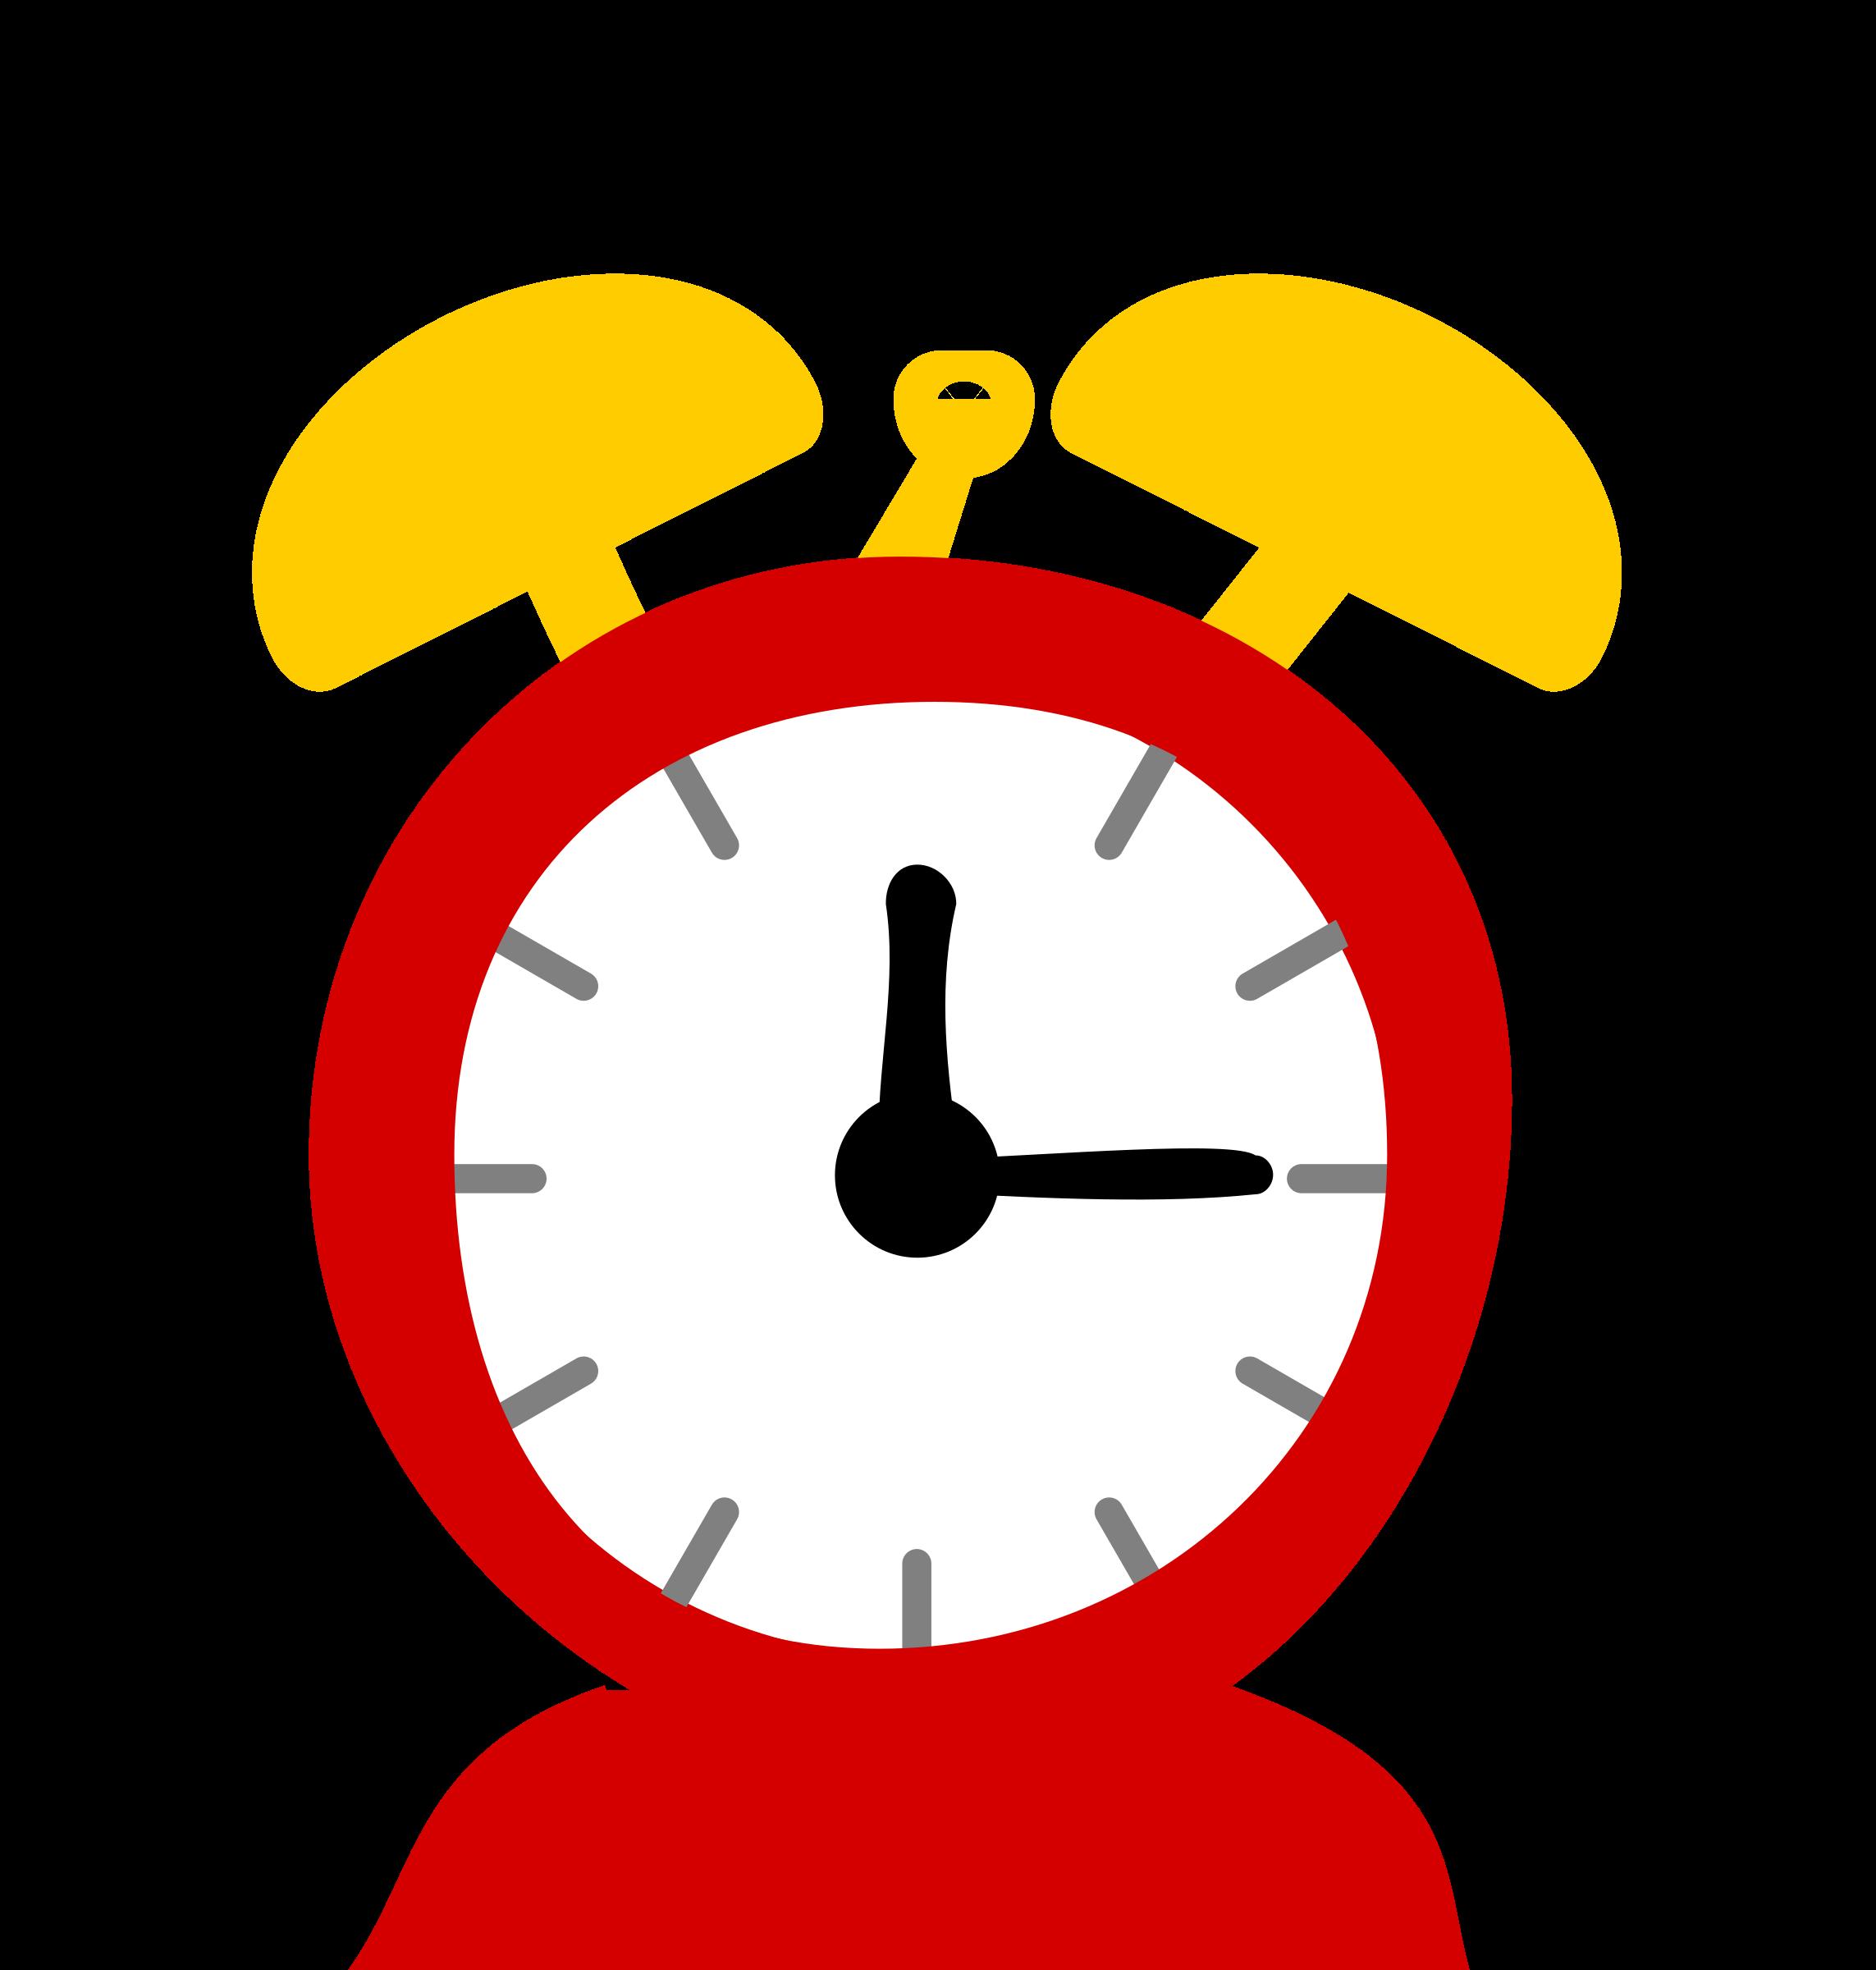 Alarm Clipart.